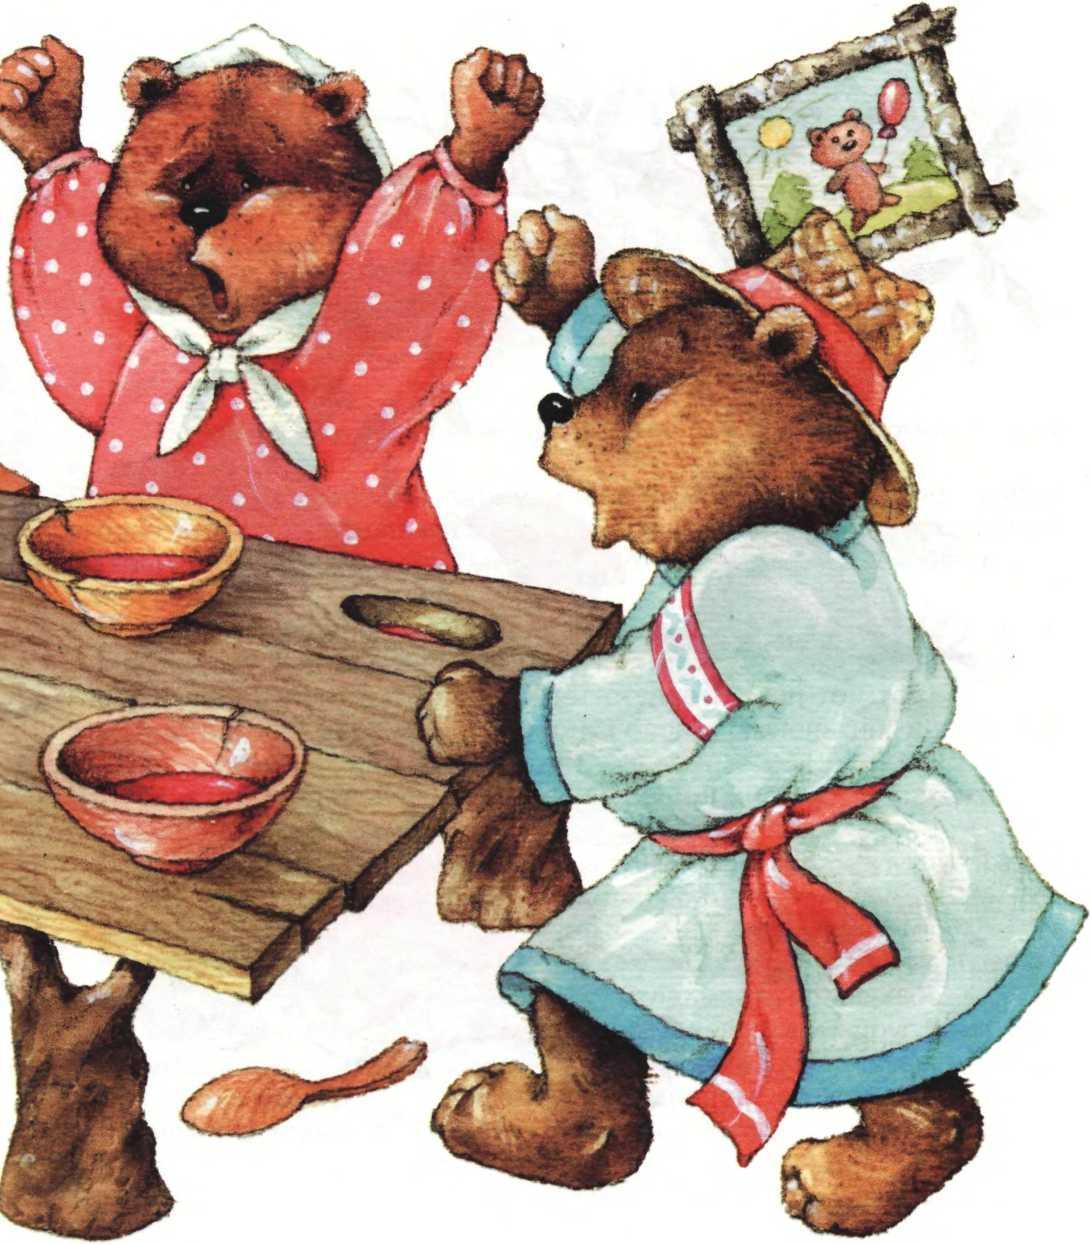 Прикольные картинки про машу и трех медведей, картинки валерия